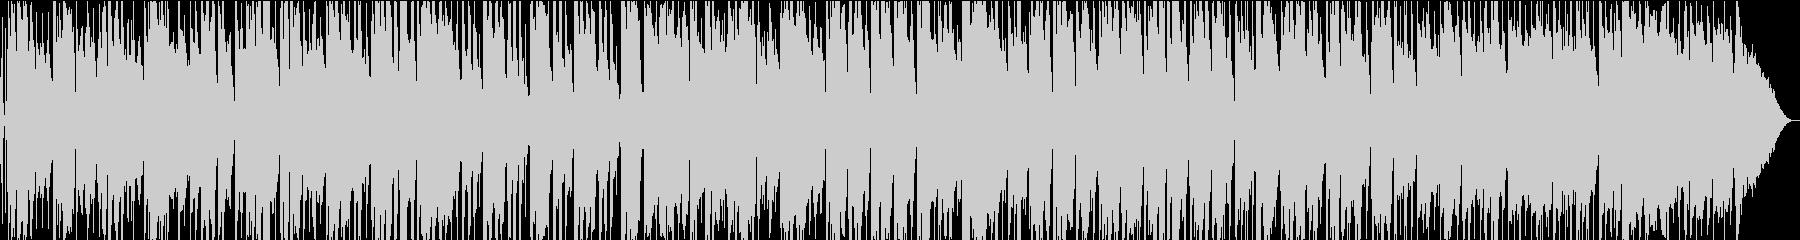 ジャングリーリズムギター、流れるオ...の未再生の波形